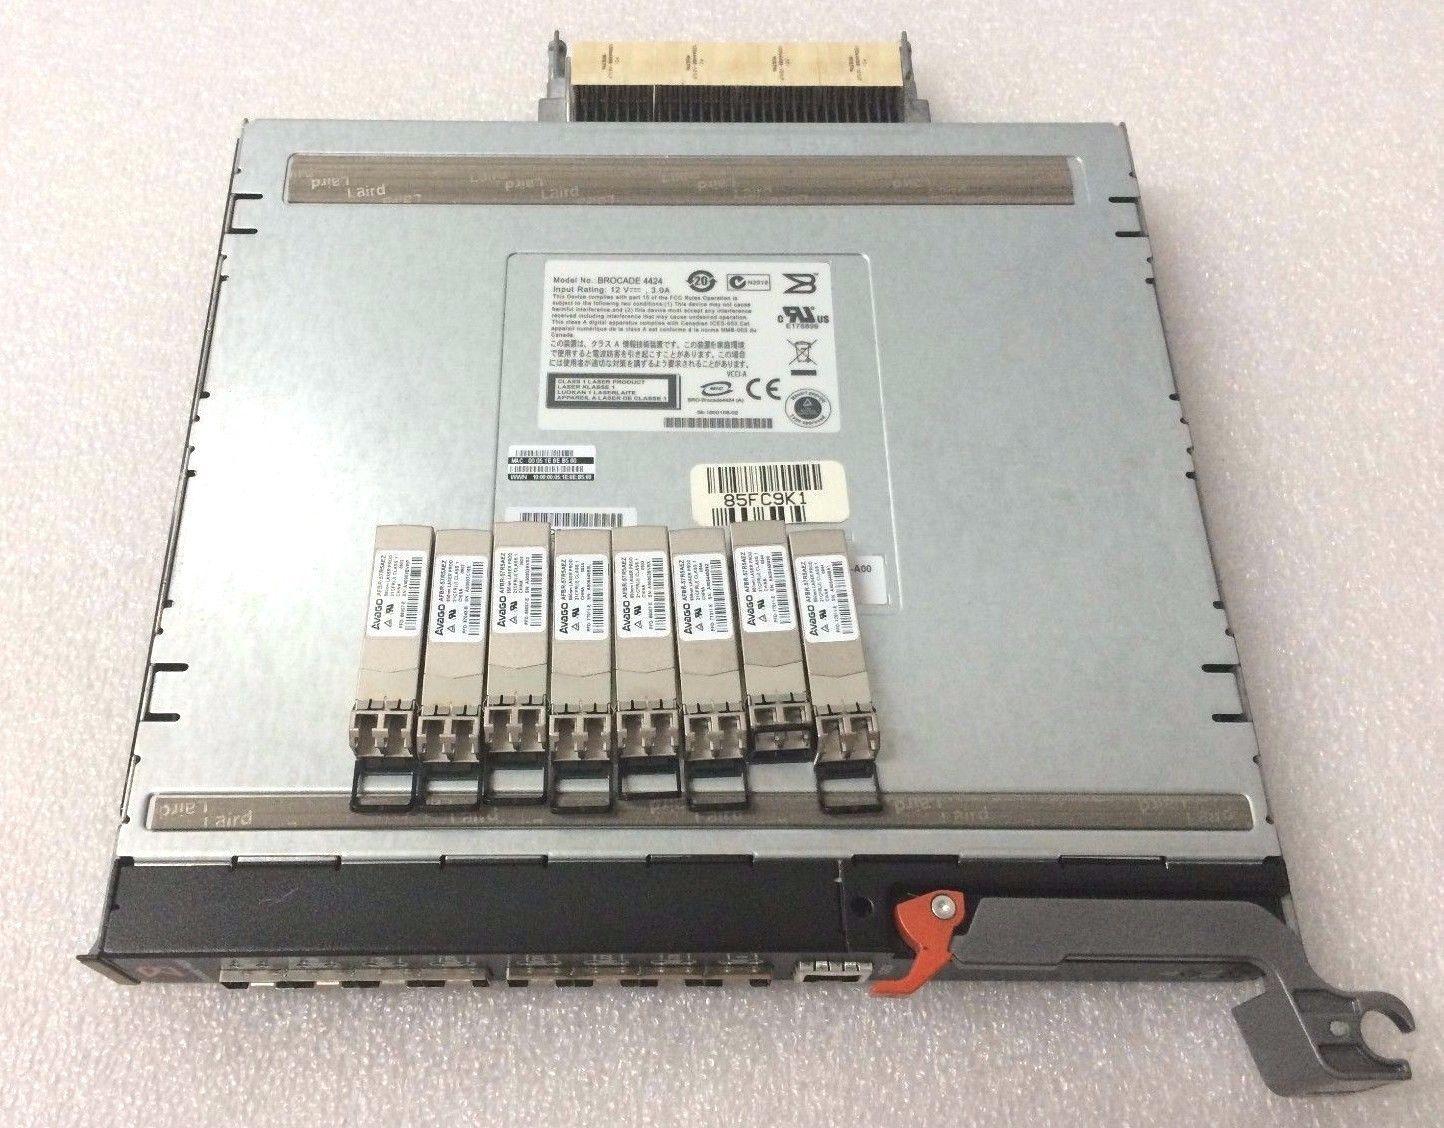 DELL DUAL SD CARD MODULE FOR POWEREDGE R330 R430 R530 R630